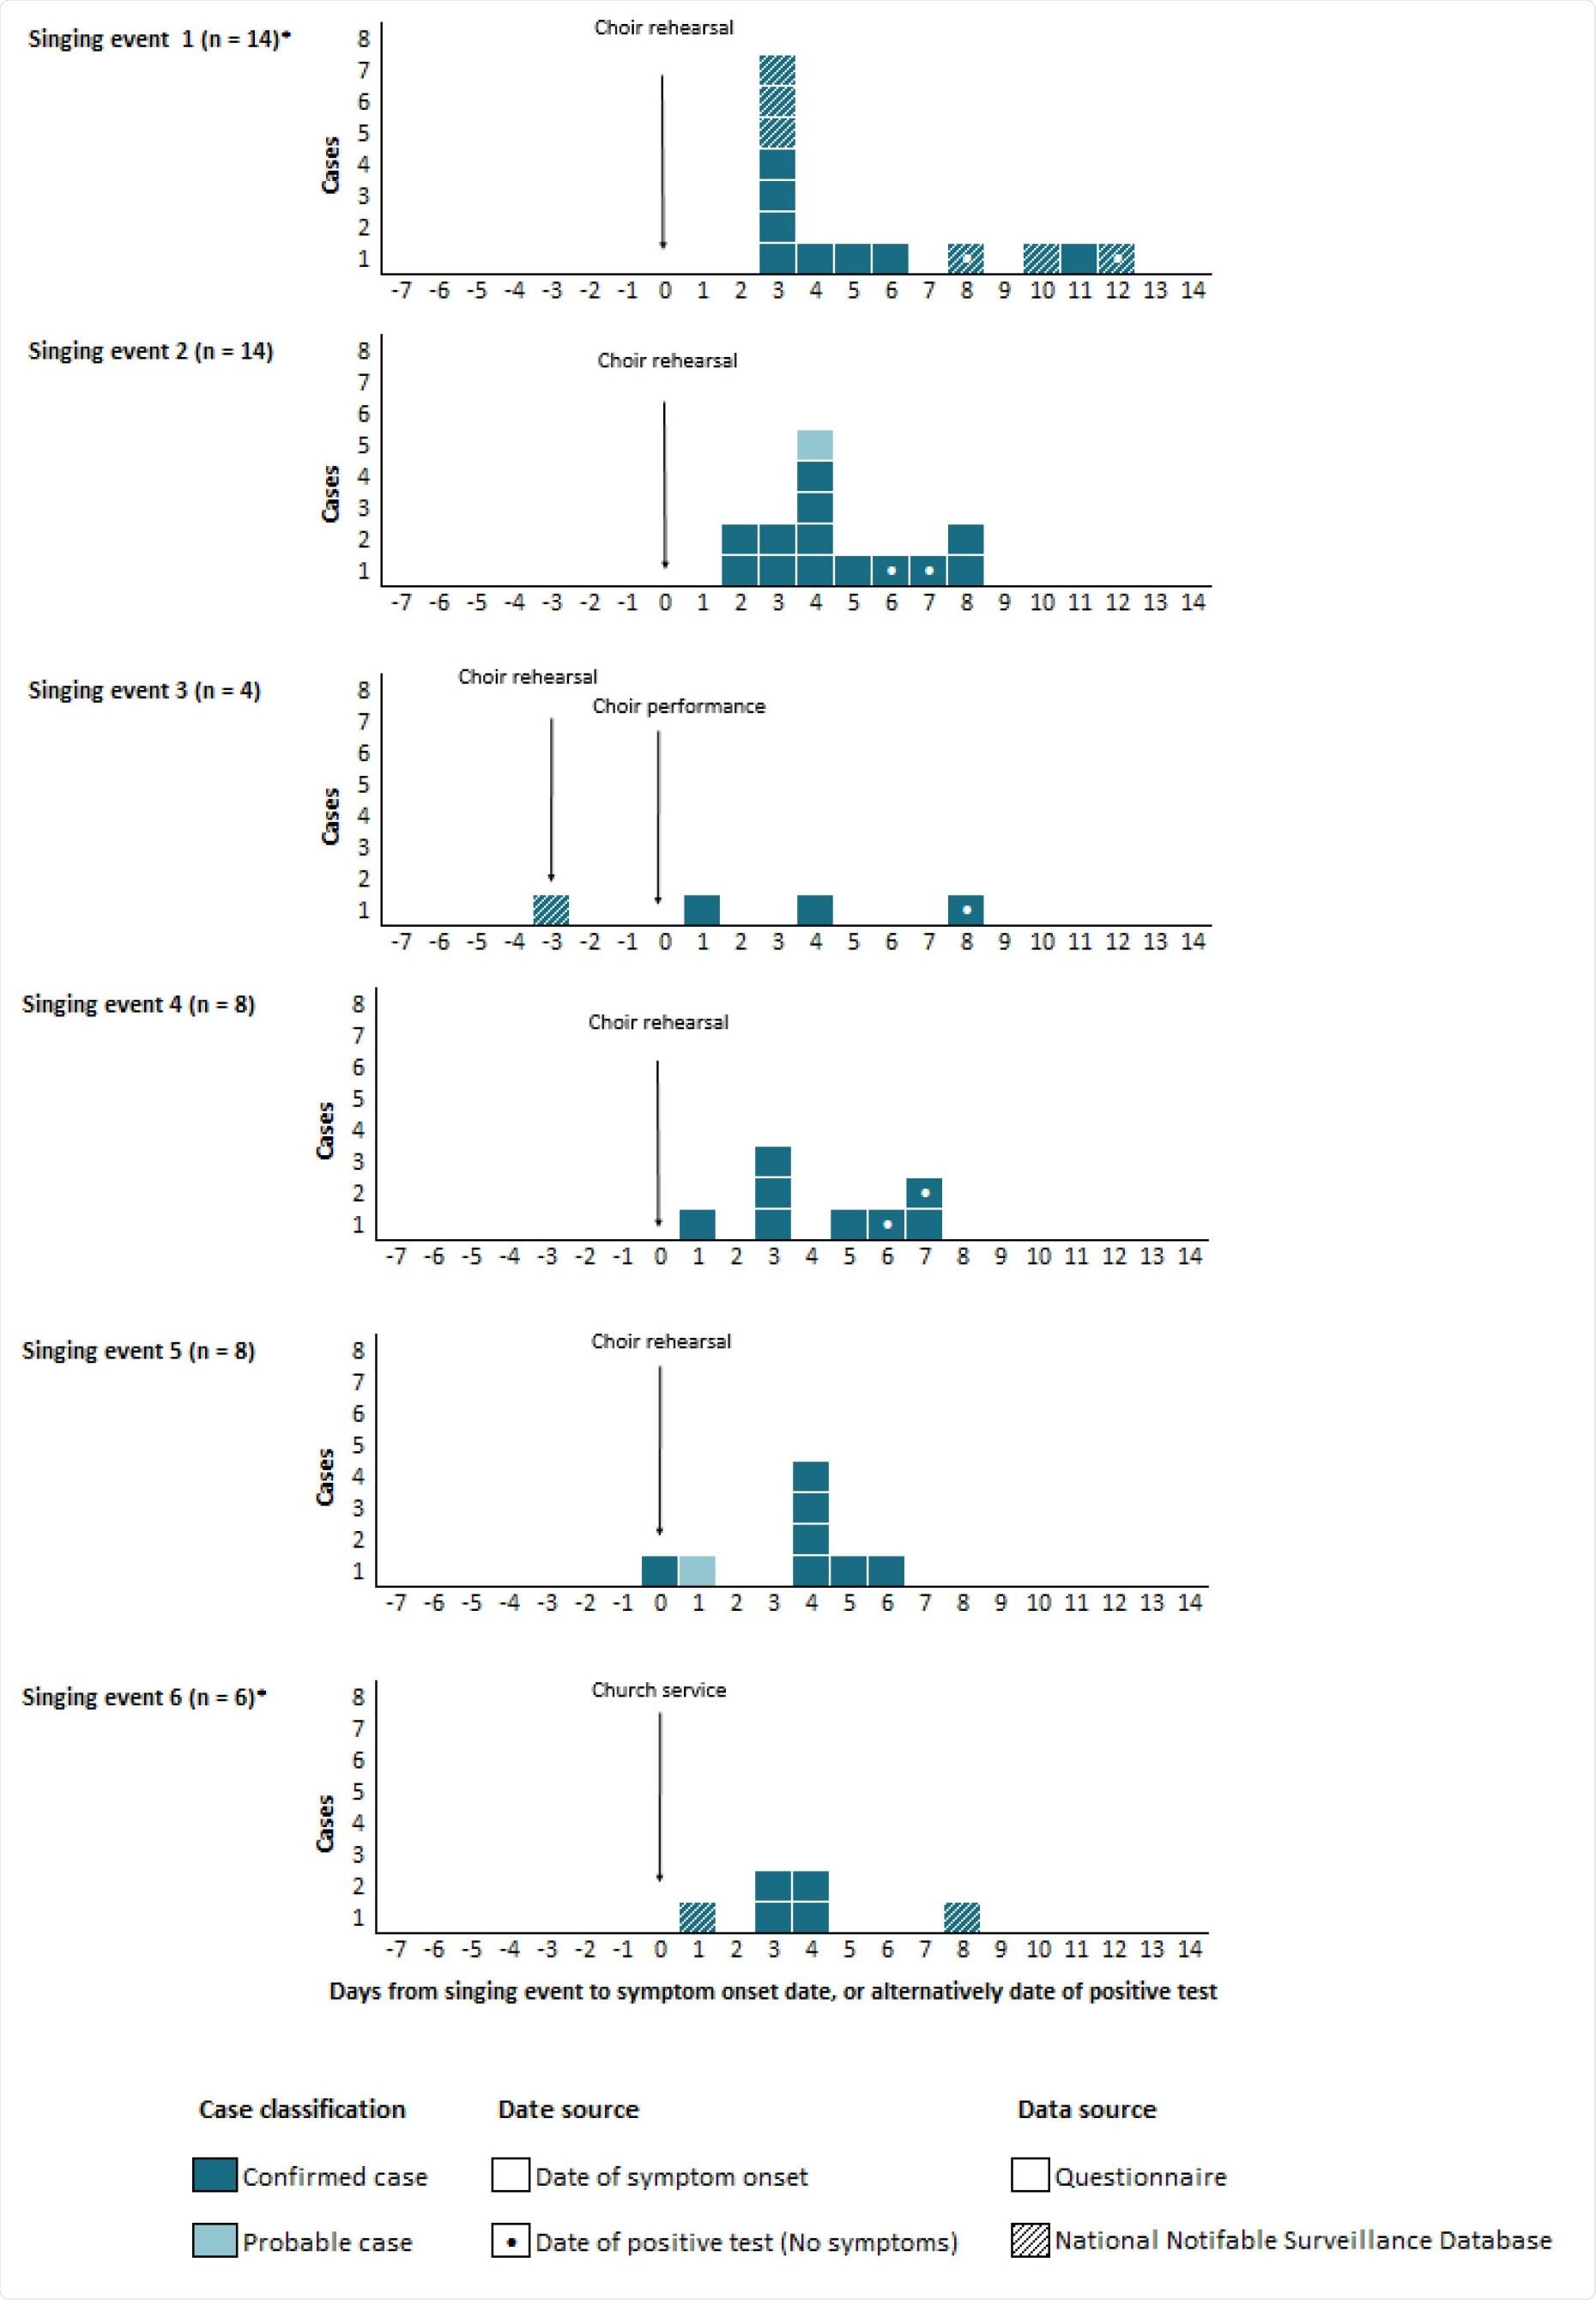 Casos confirmados y probables de COVID-19 en cada evento de canto, de septiembre a octubre de 2020 por fecha de inicio de los síntomas o, alternativamente, por fecha de prueba positiva.